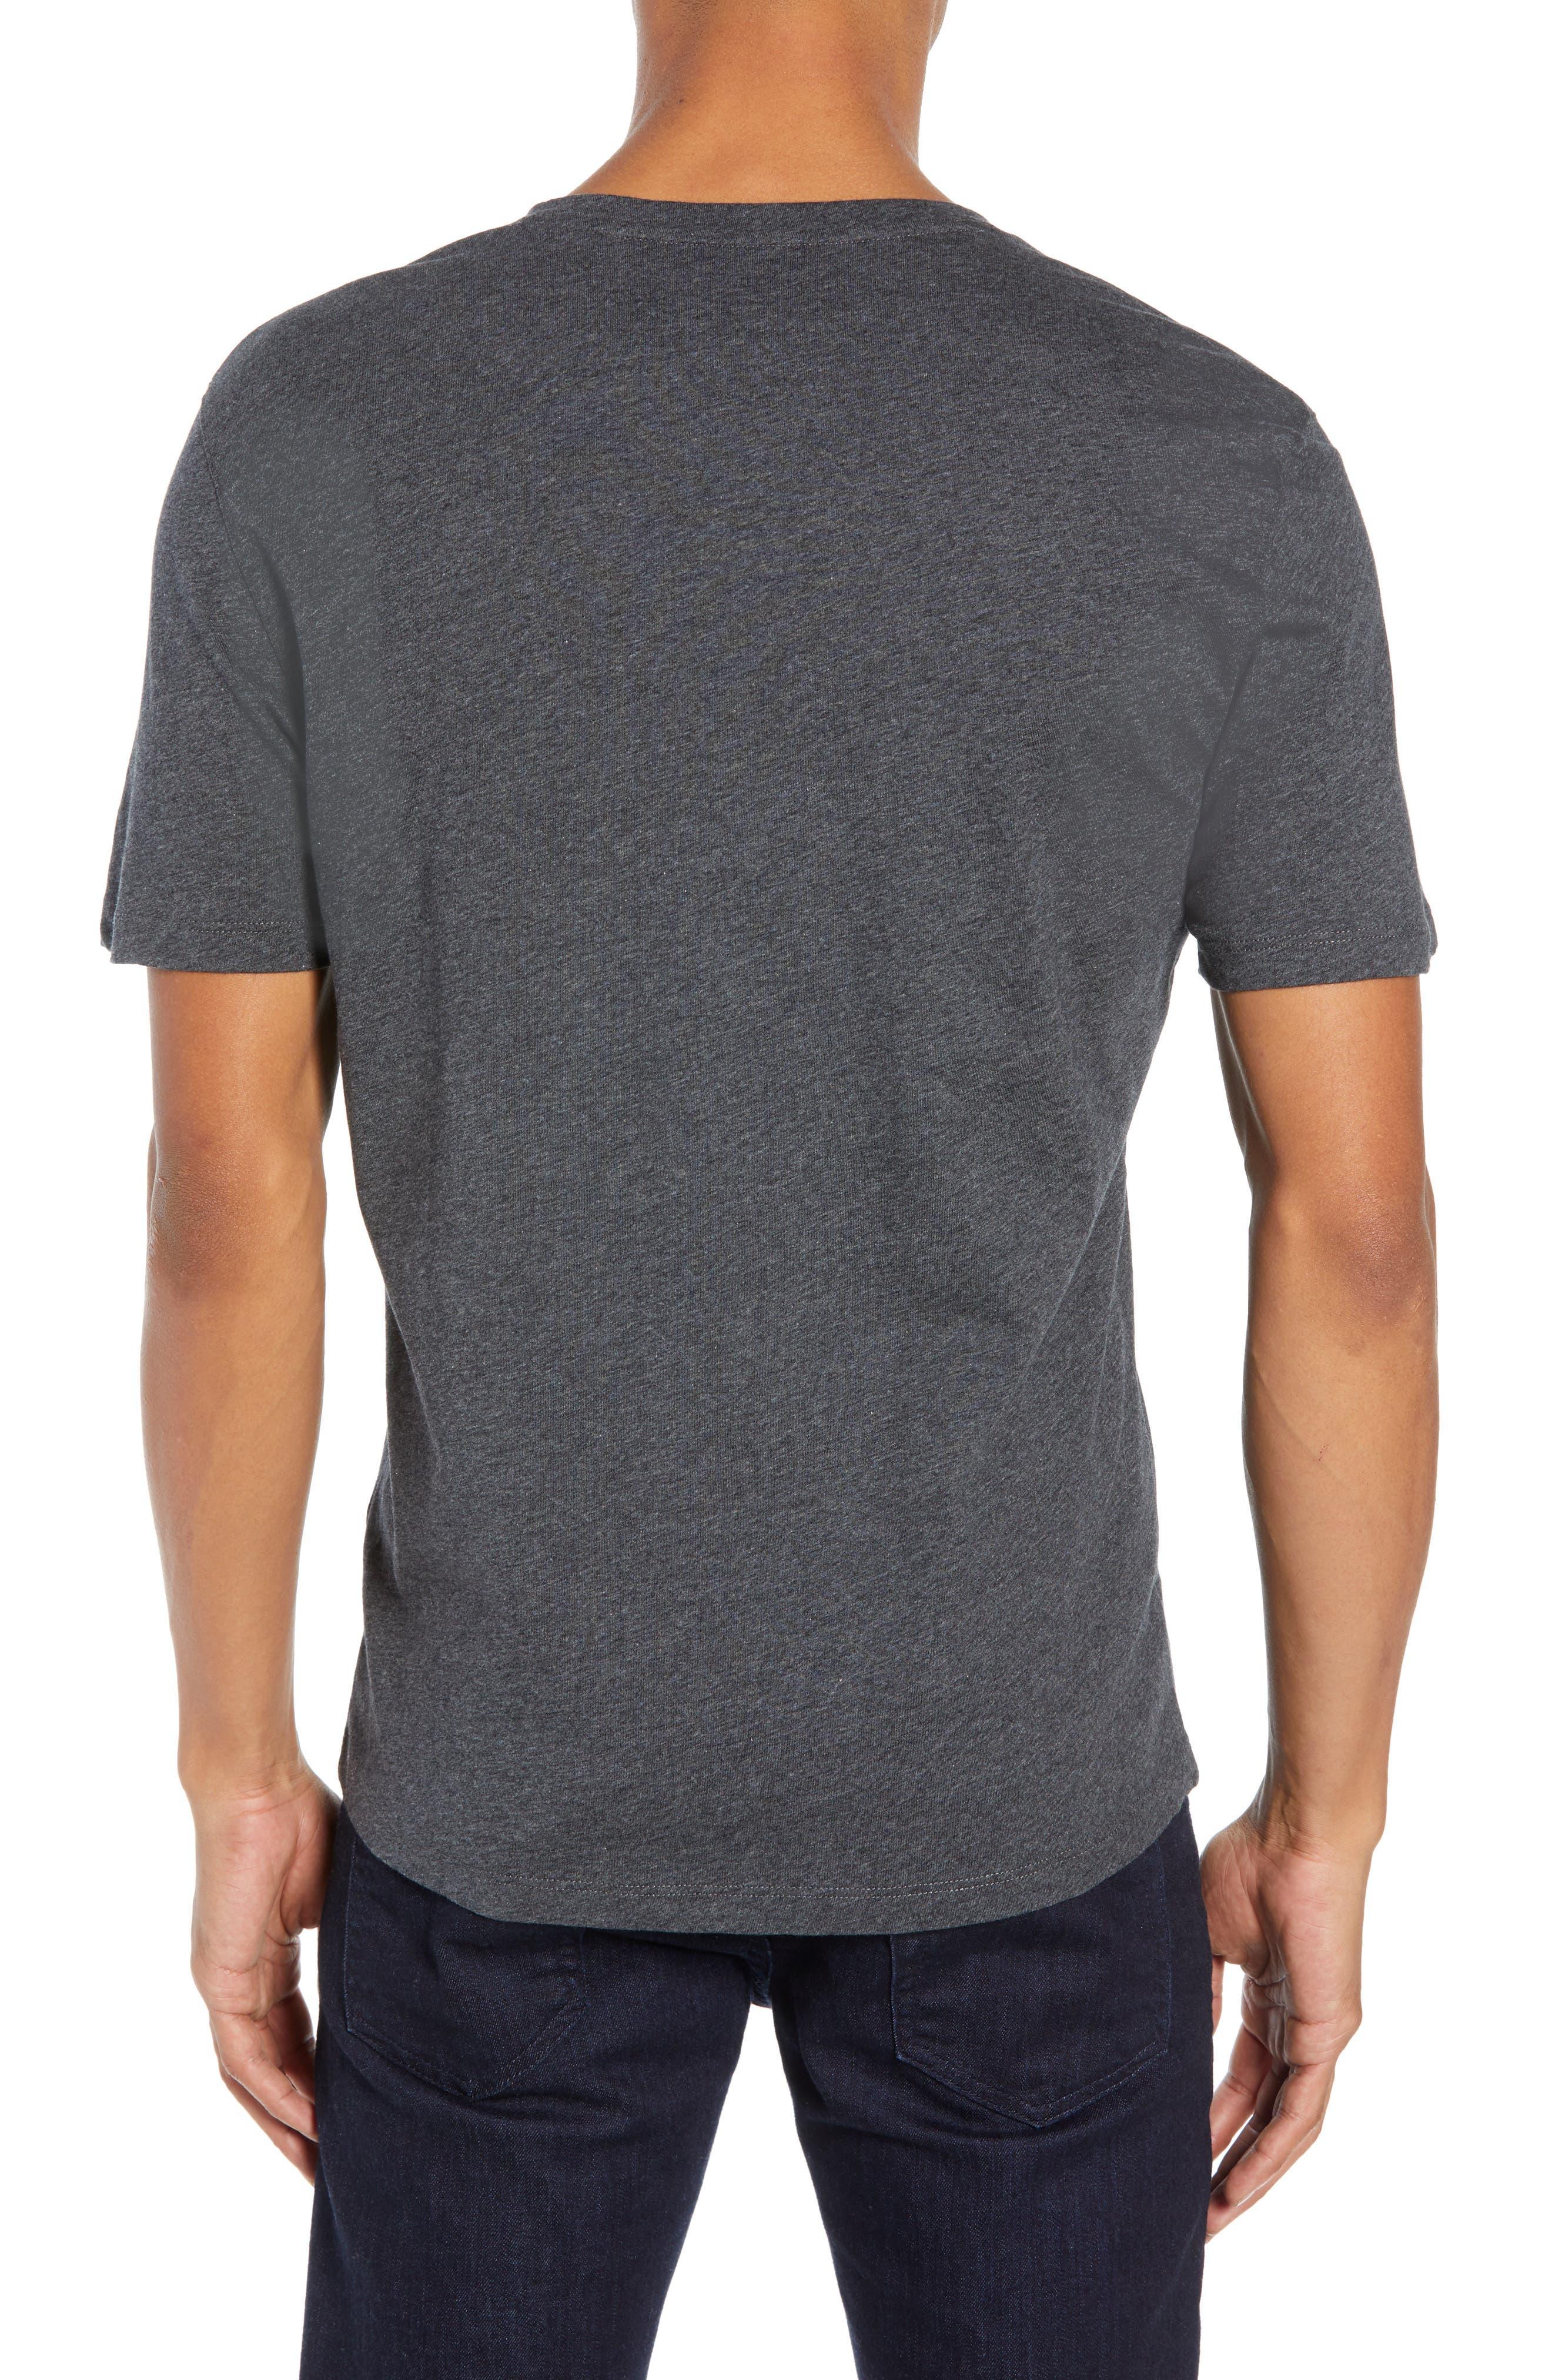 Mercer V-Neck T-Shirt,                             Alternate thumbnail 2, color,                             DARK HEATHER CHARCOAL